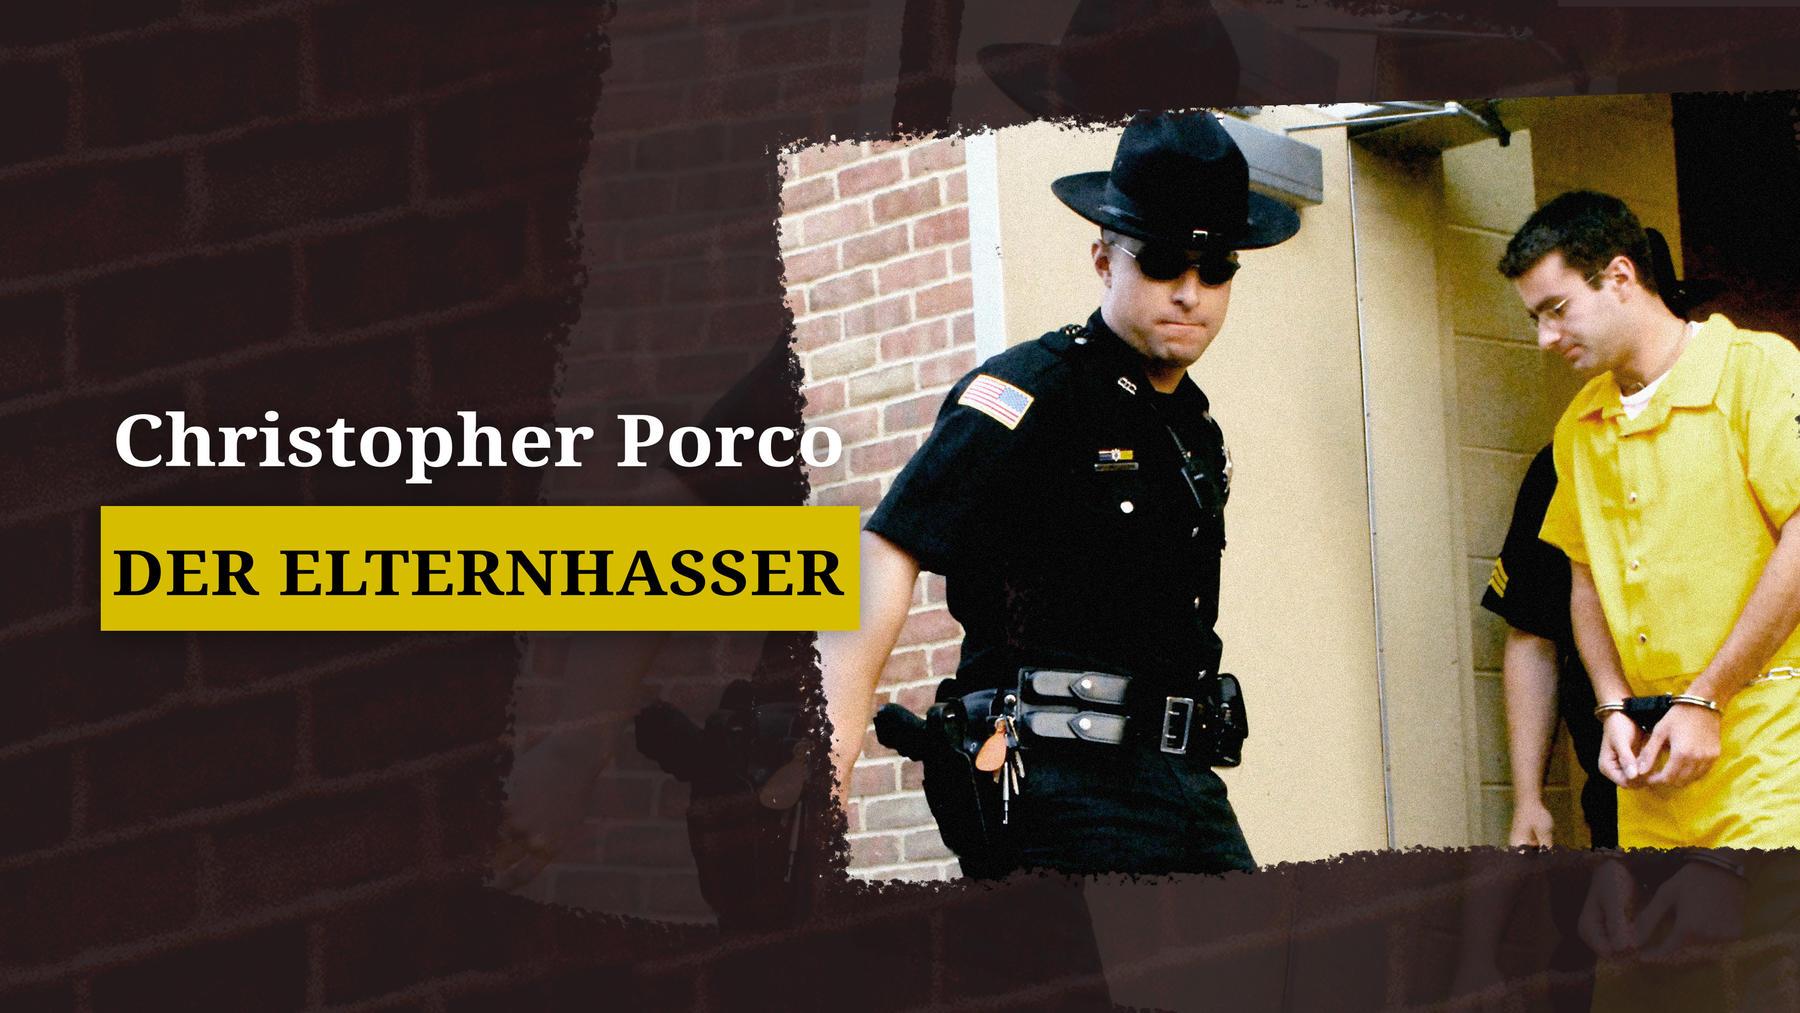 Christopher Porco: Der Elternhasser